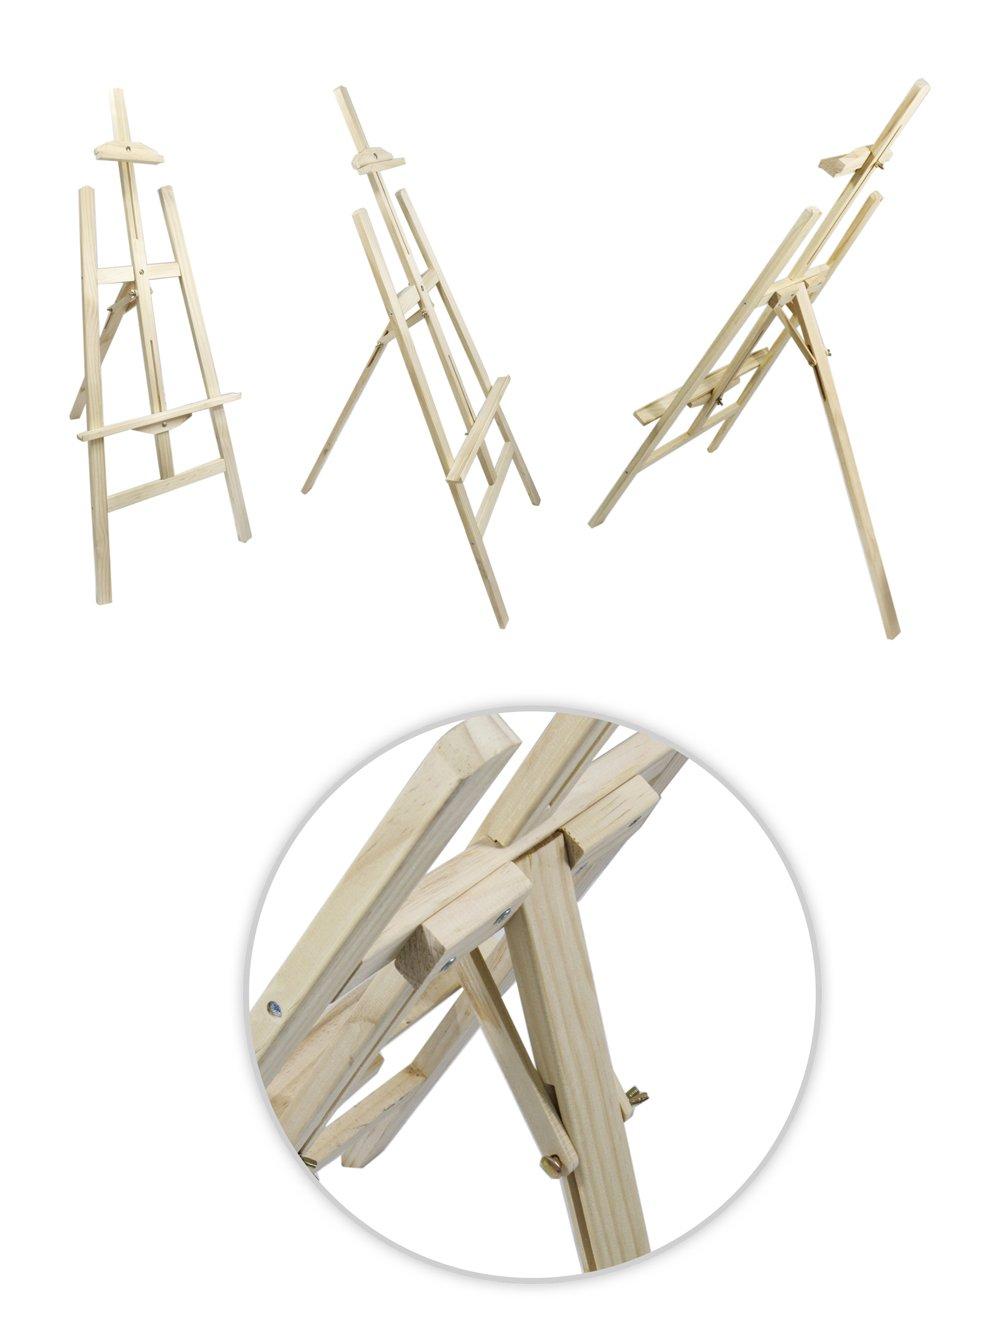 Vetrineinrete® Cavalletto pittorico in legno leggero inclinabile altezza 122 cm per pittura o esposizione di tele quadri e foto arredo casa E50